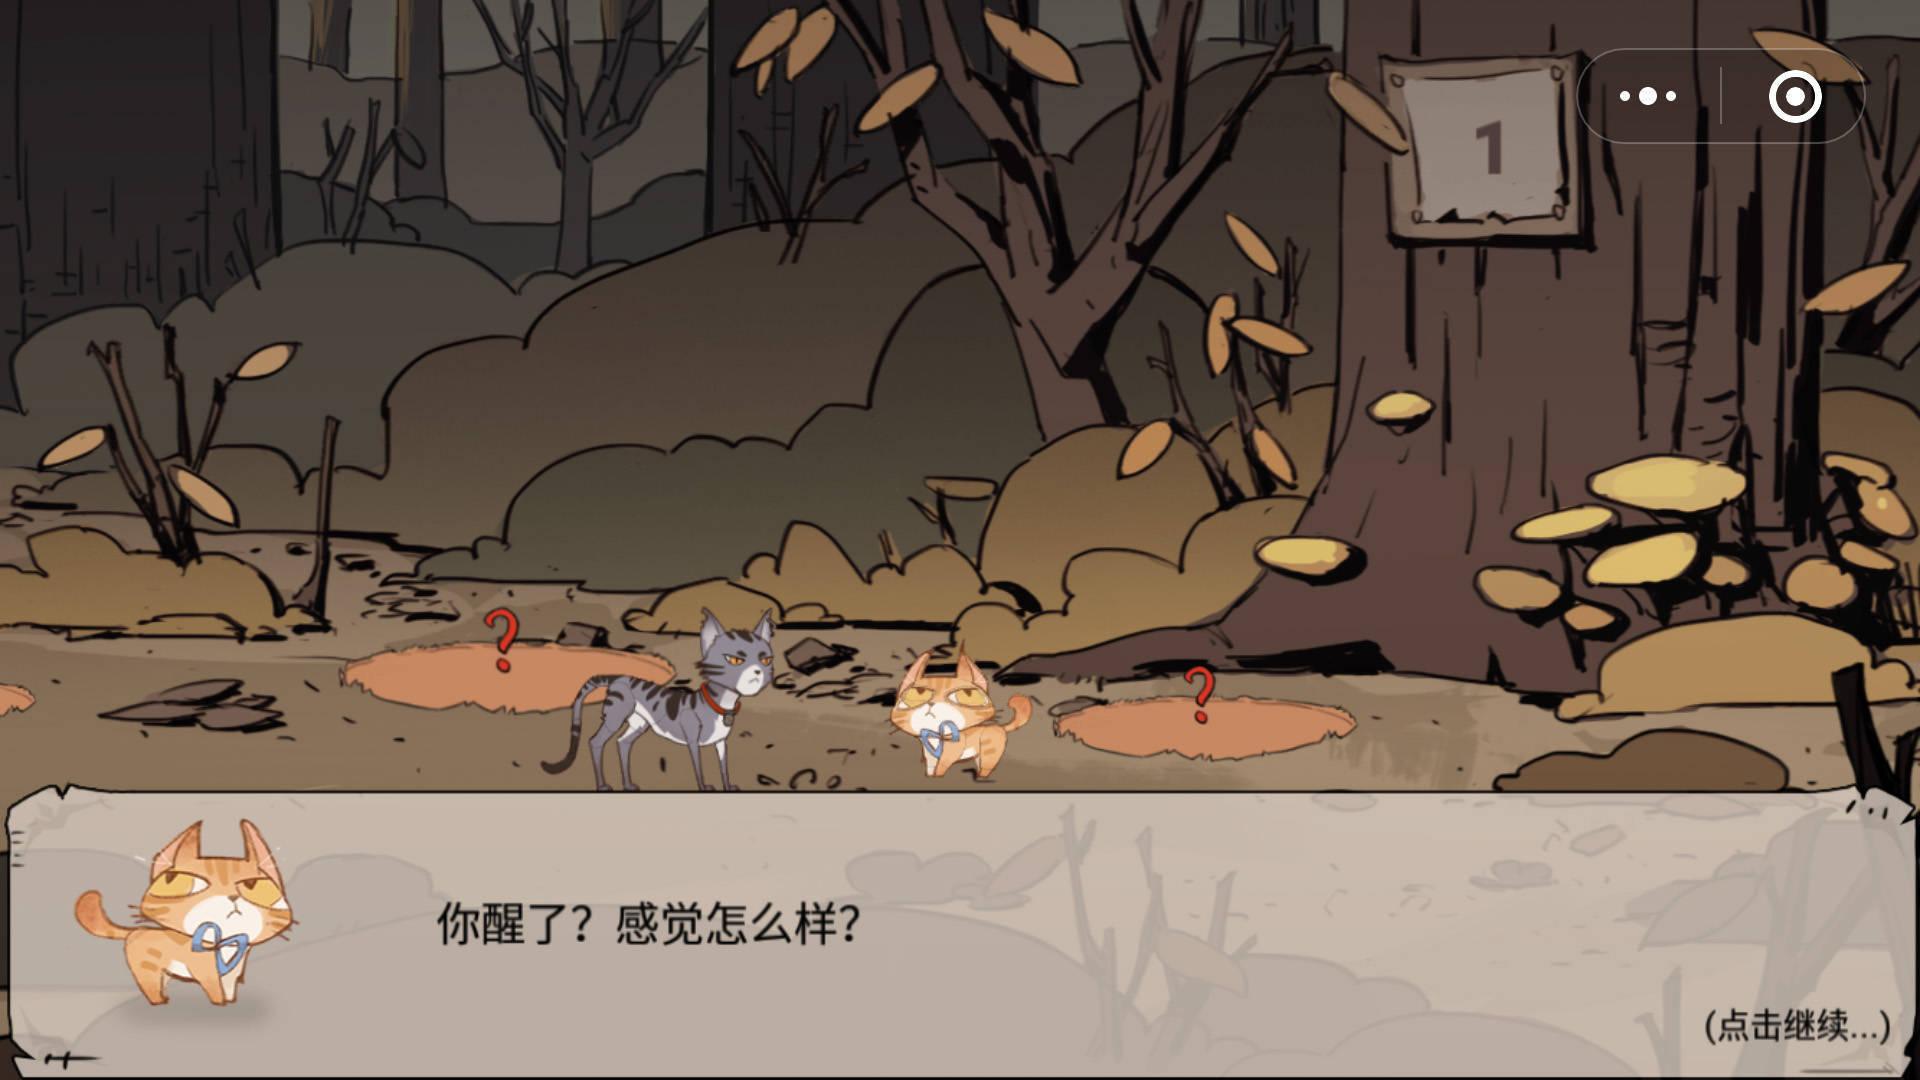 流浪猫求生之路破解版图4